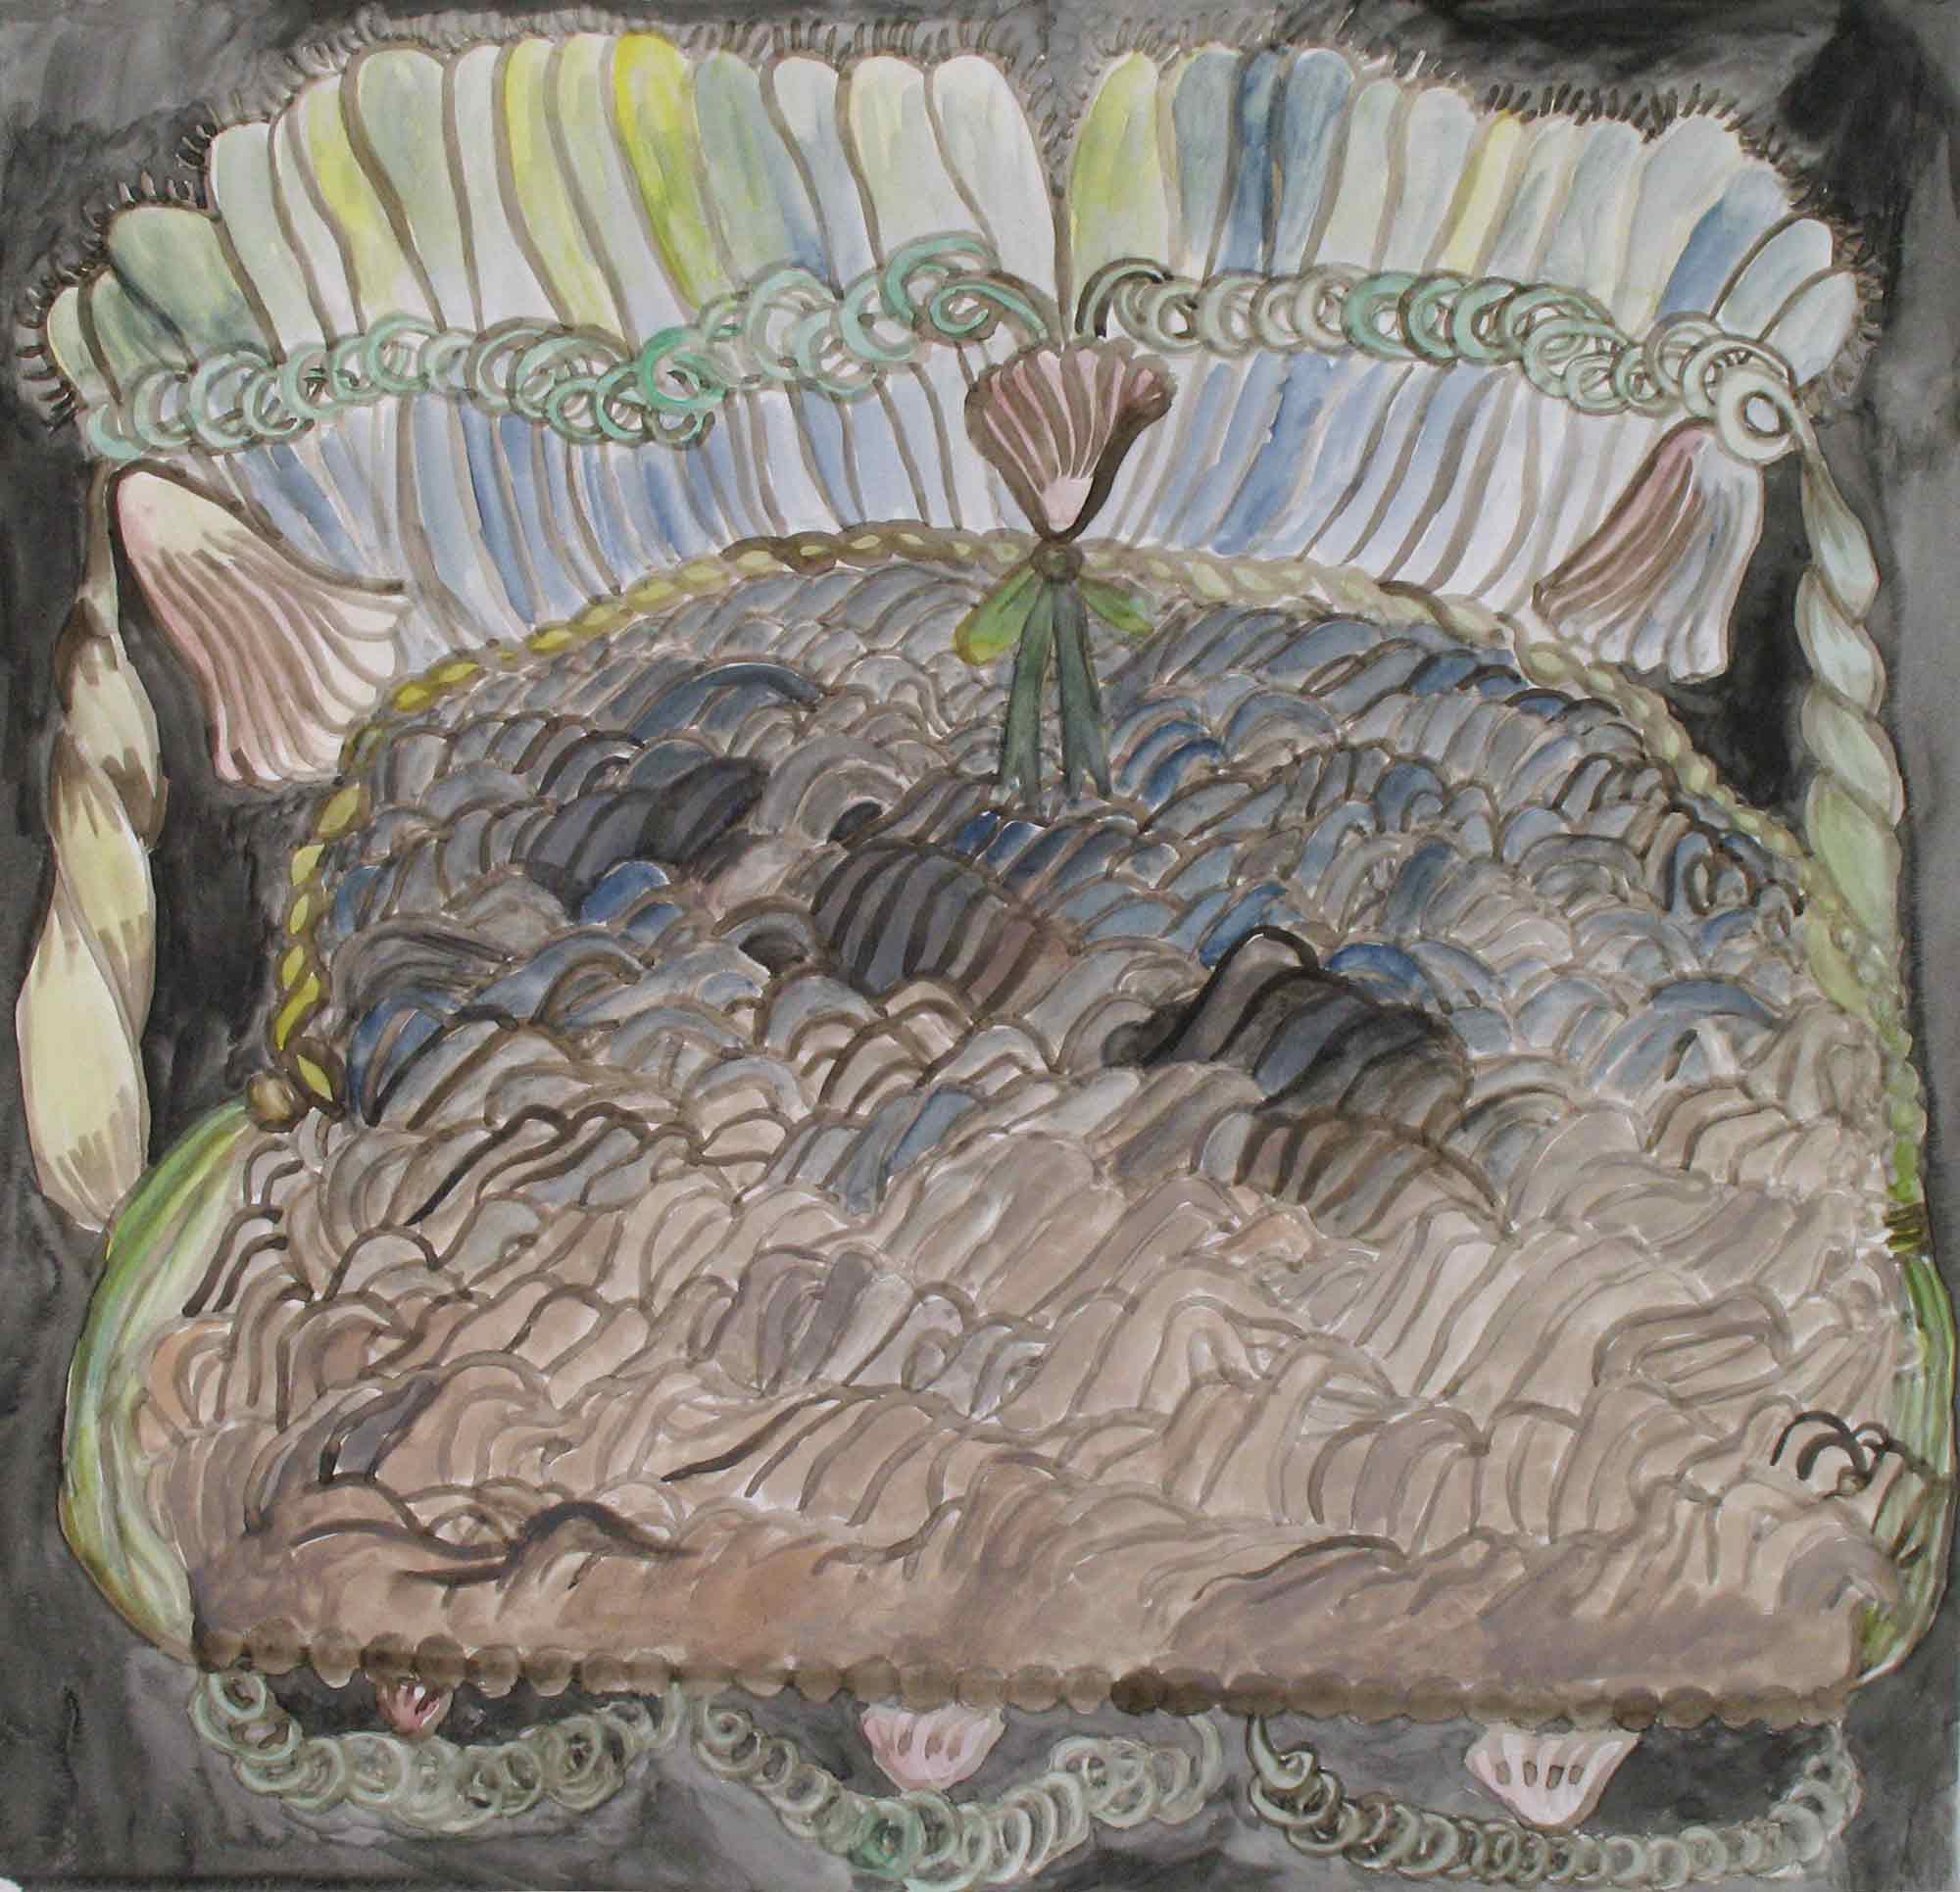 Bodem van de zee (Bottom of the sea)  aquarel, gouache 42 x 43 cm, 2010